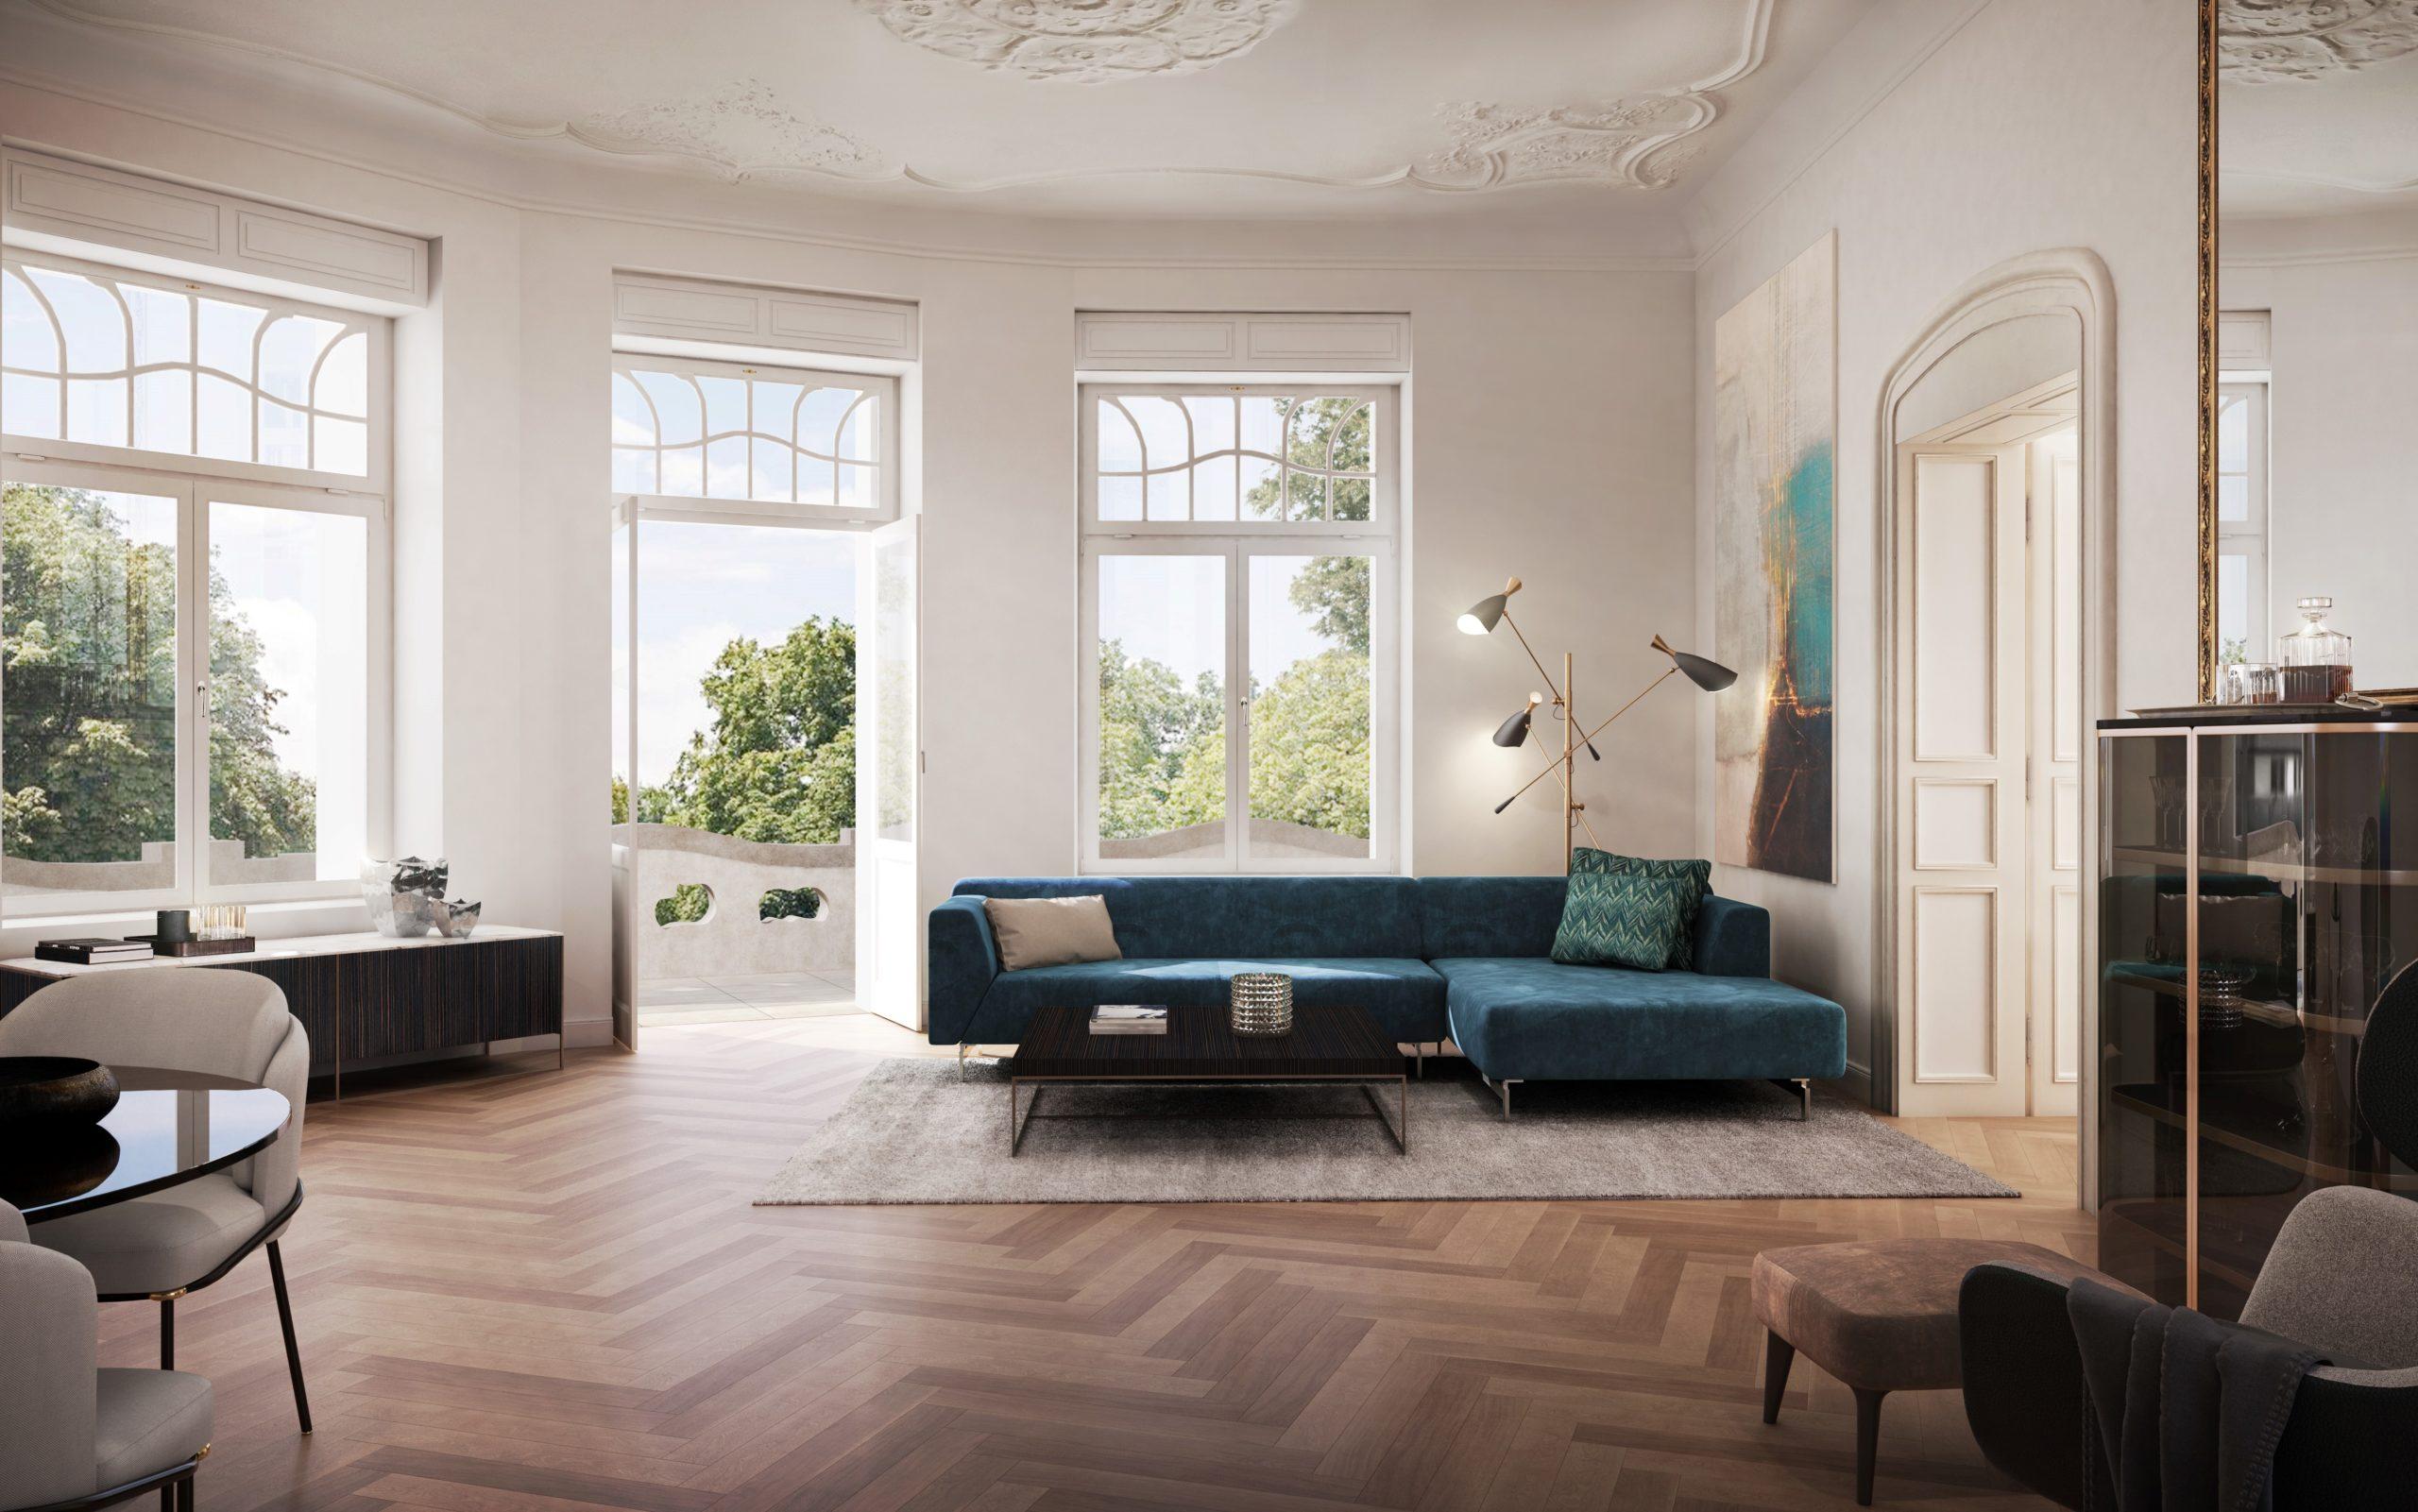 Palatium Dresden - Weiträumige Wohnbereiche bilden das Herzstück